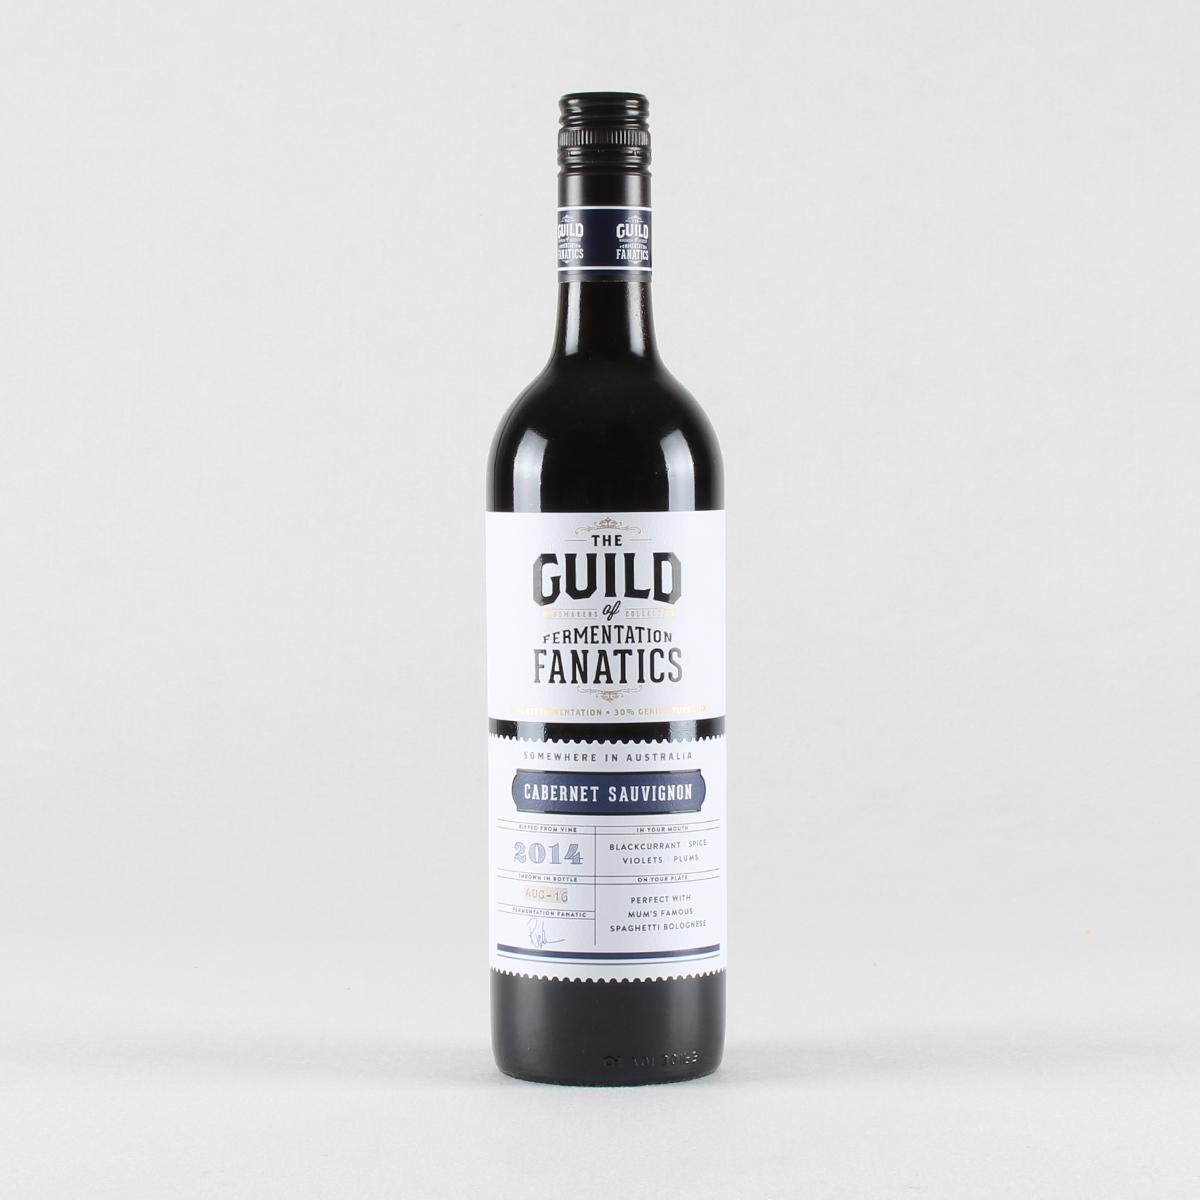 狂徒赤霞珠干红葡萄酒